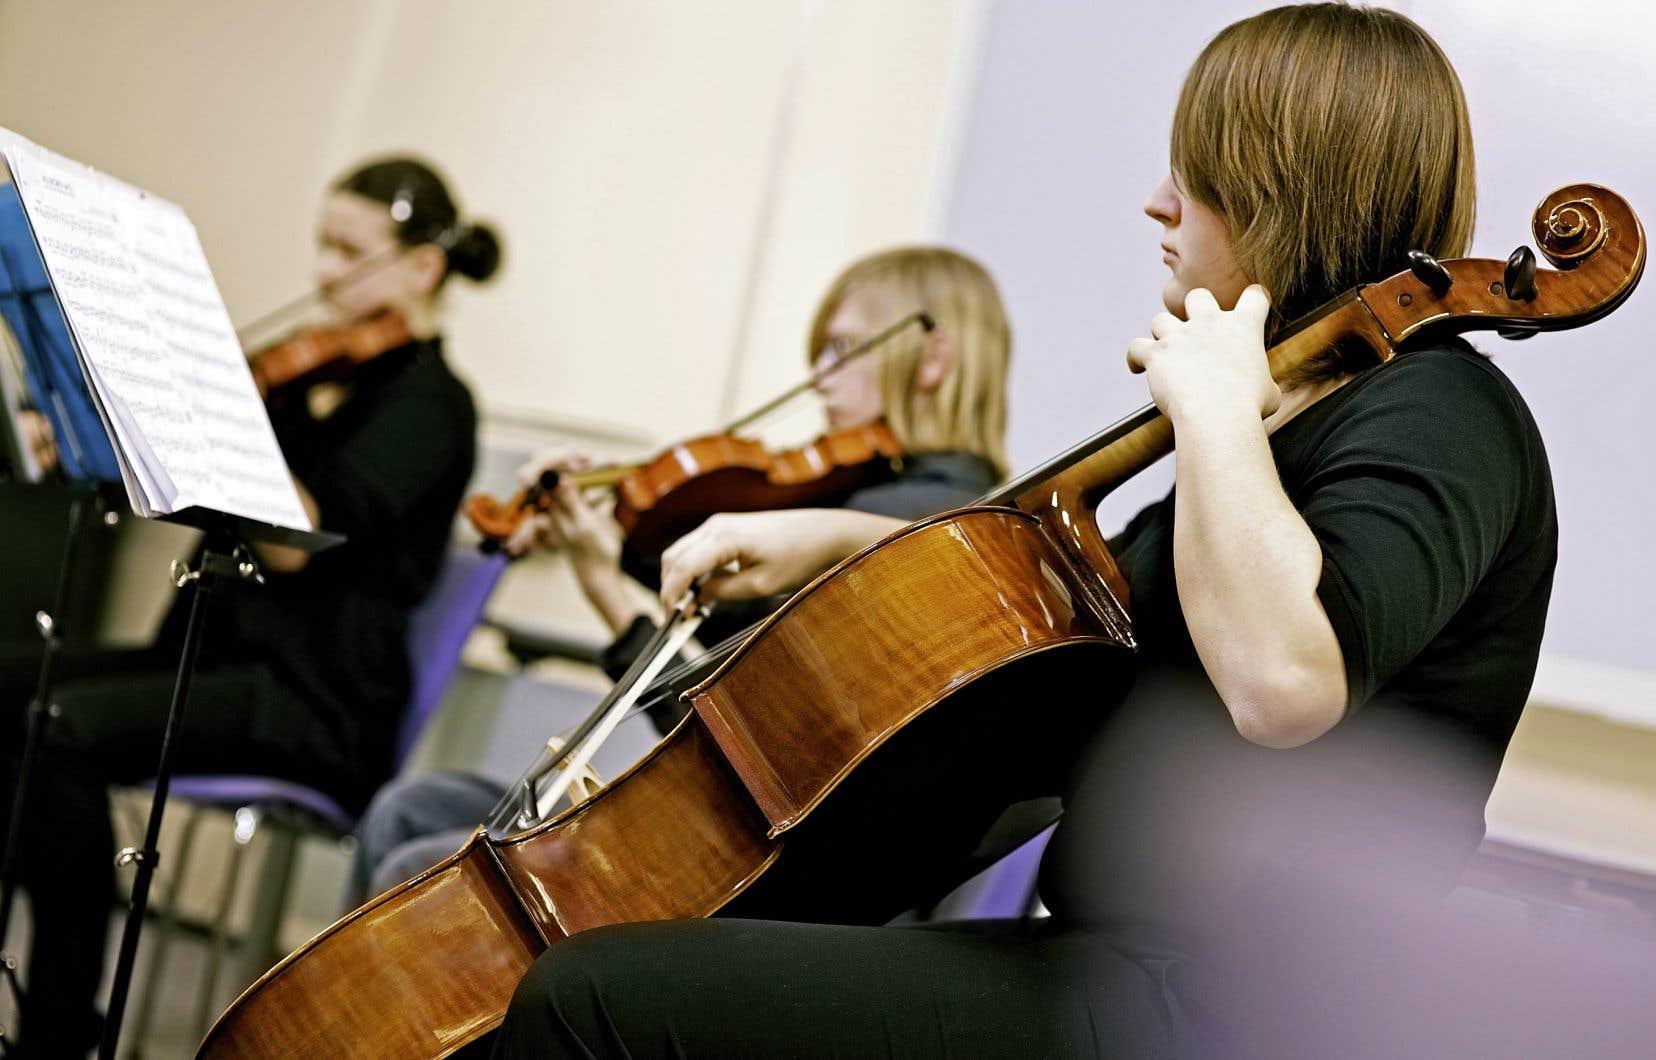 Les élèves qui pratiquent une activité artistique ou sportive après les cours se sentent plus valorisés.